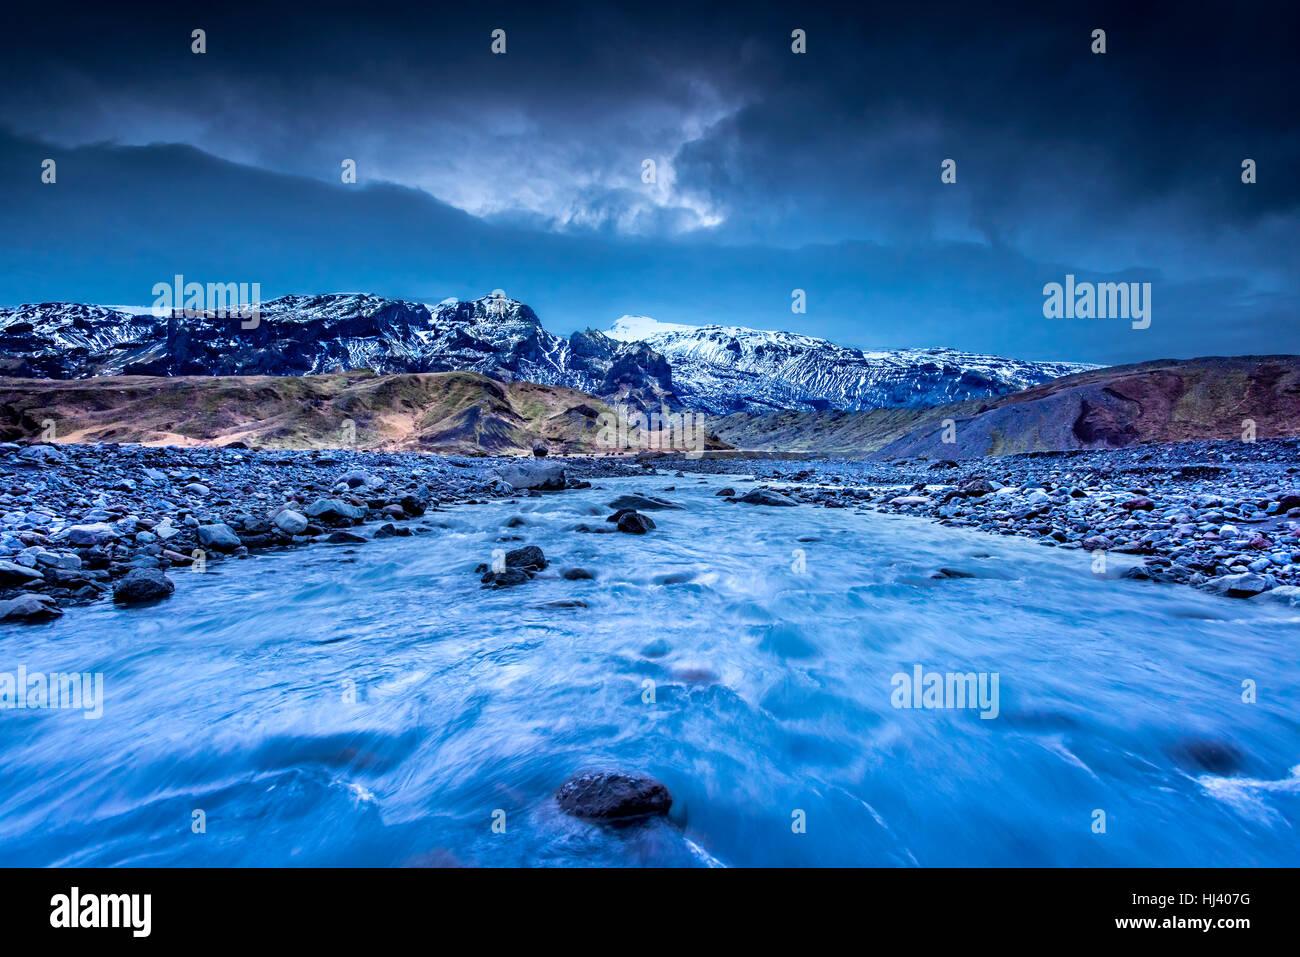 Une rivière formée par la fonte des glaciers s'écoule à travers une chaîne de montagnes Photo Stock